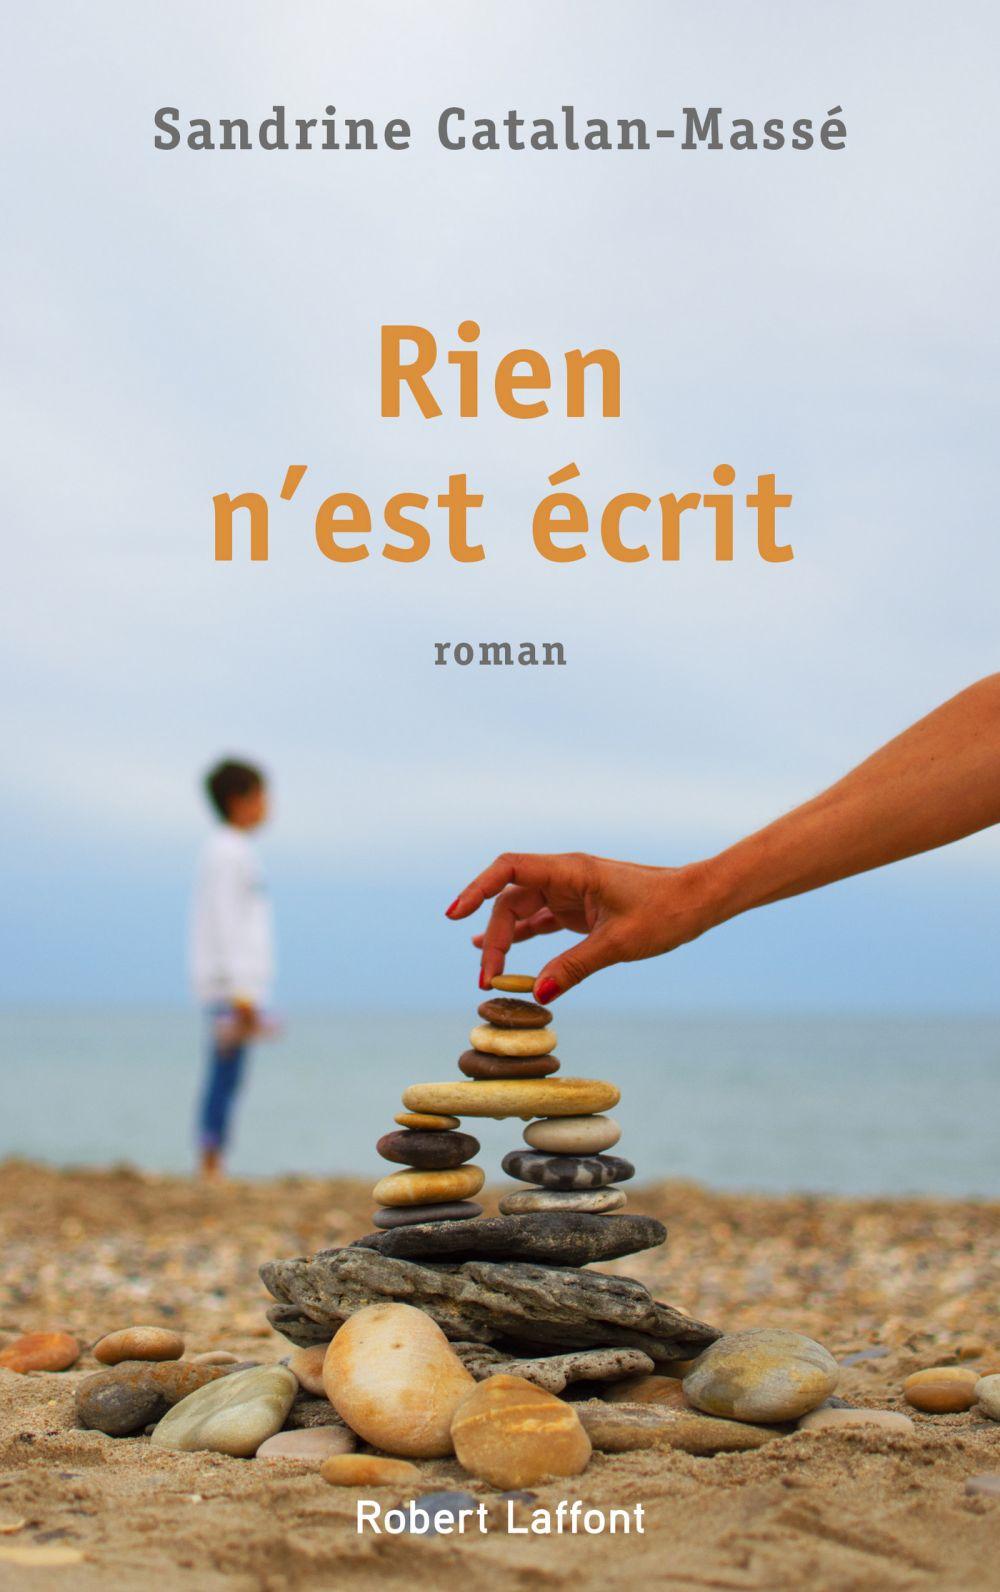 Rien n'est écrit | CATALAN-MASSÉ, Sandrine. Auteur